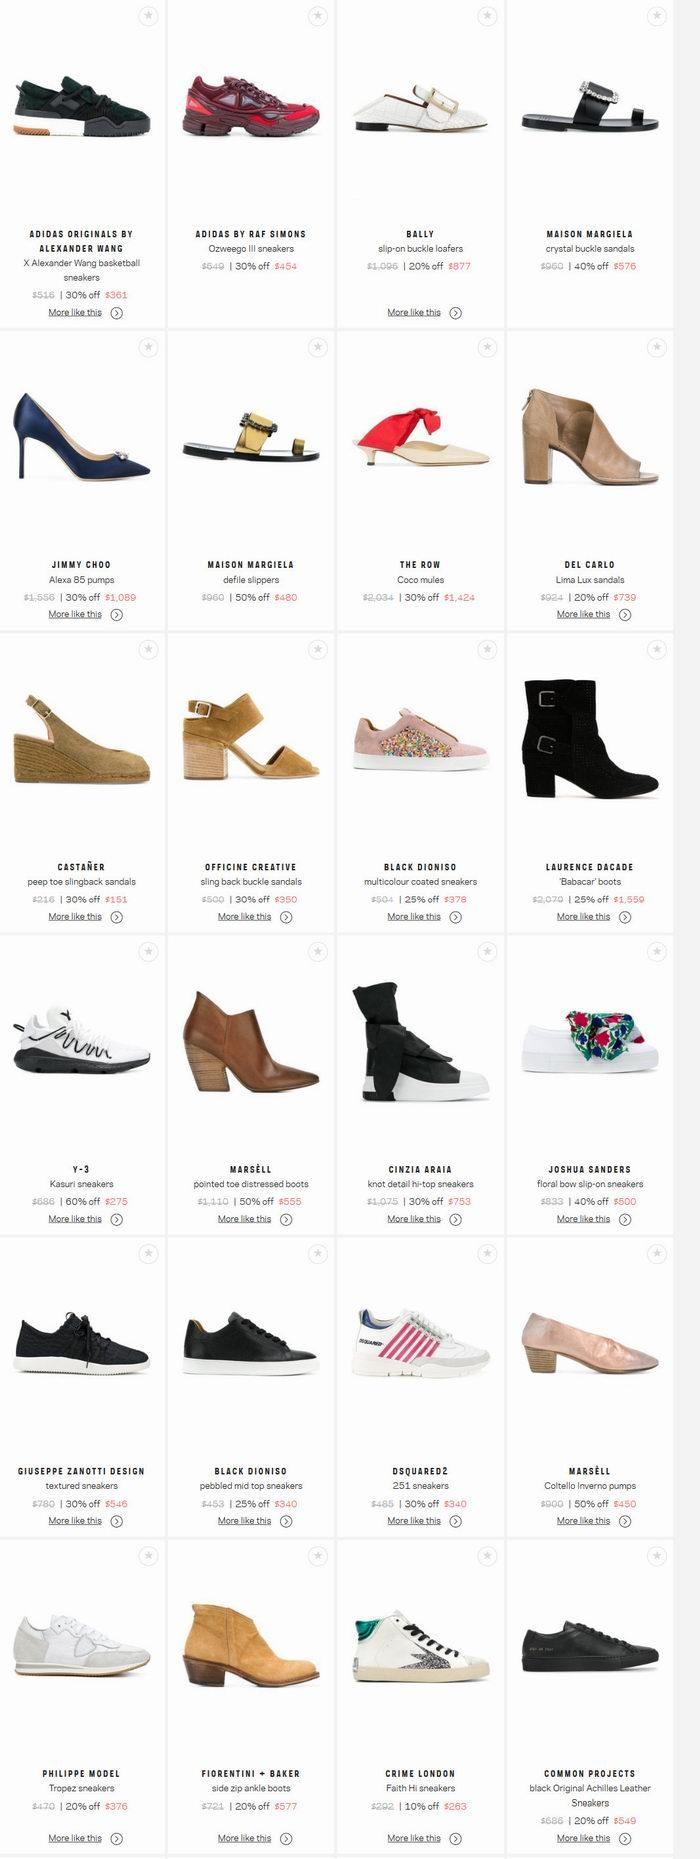 精选Chloé、Marni、Max Mara等大牌服饰、美包、美鞋 3折起(标价已含税)